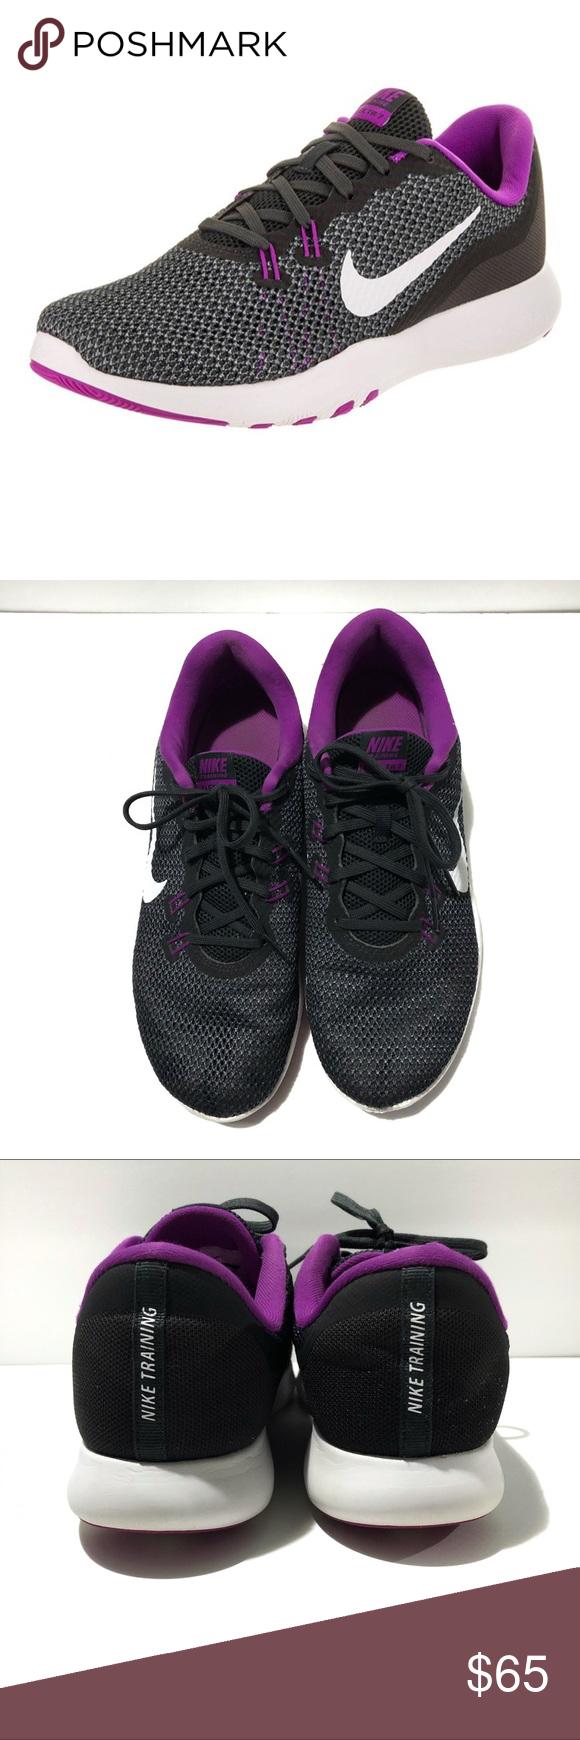 Cross training sneakers, Nike women